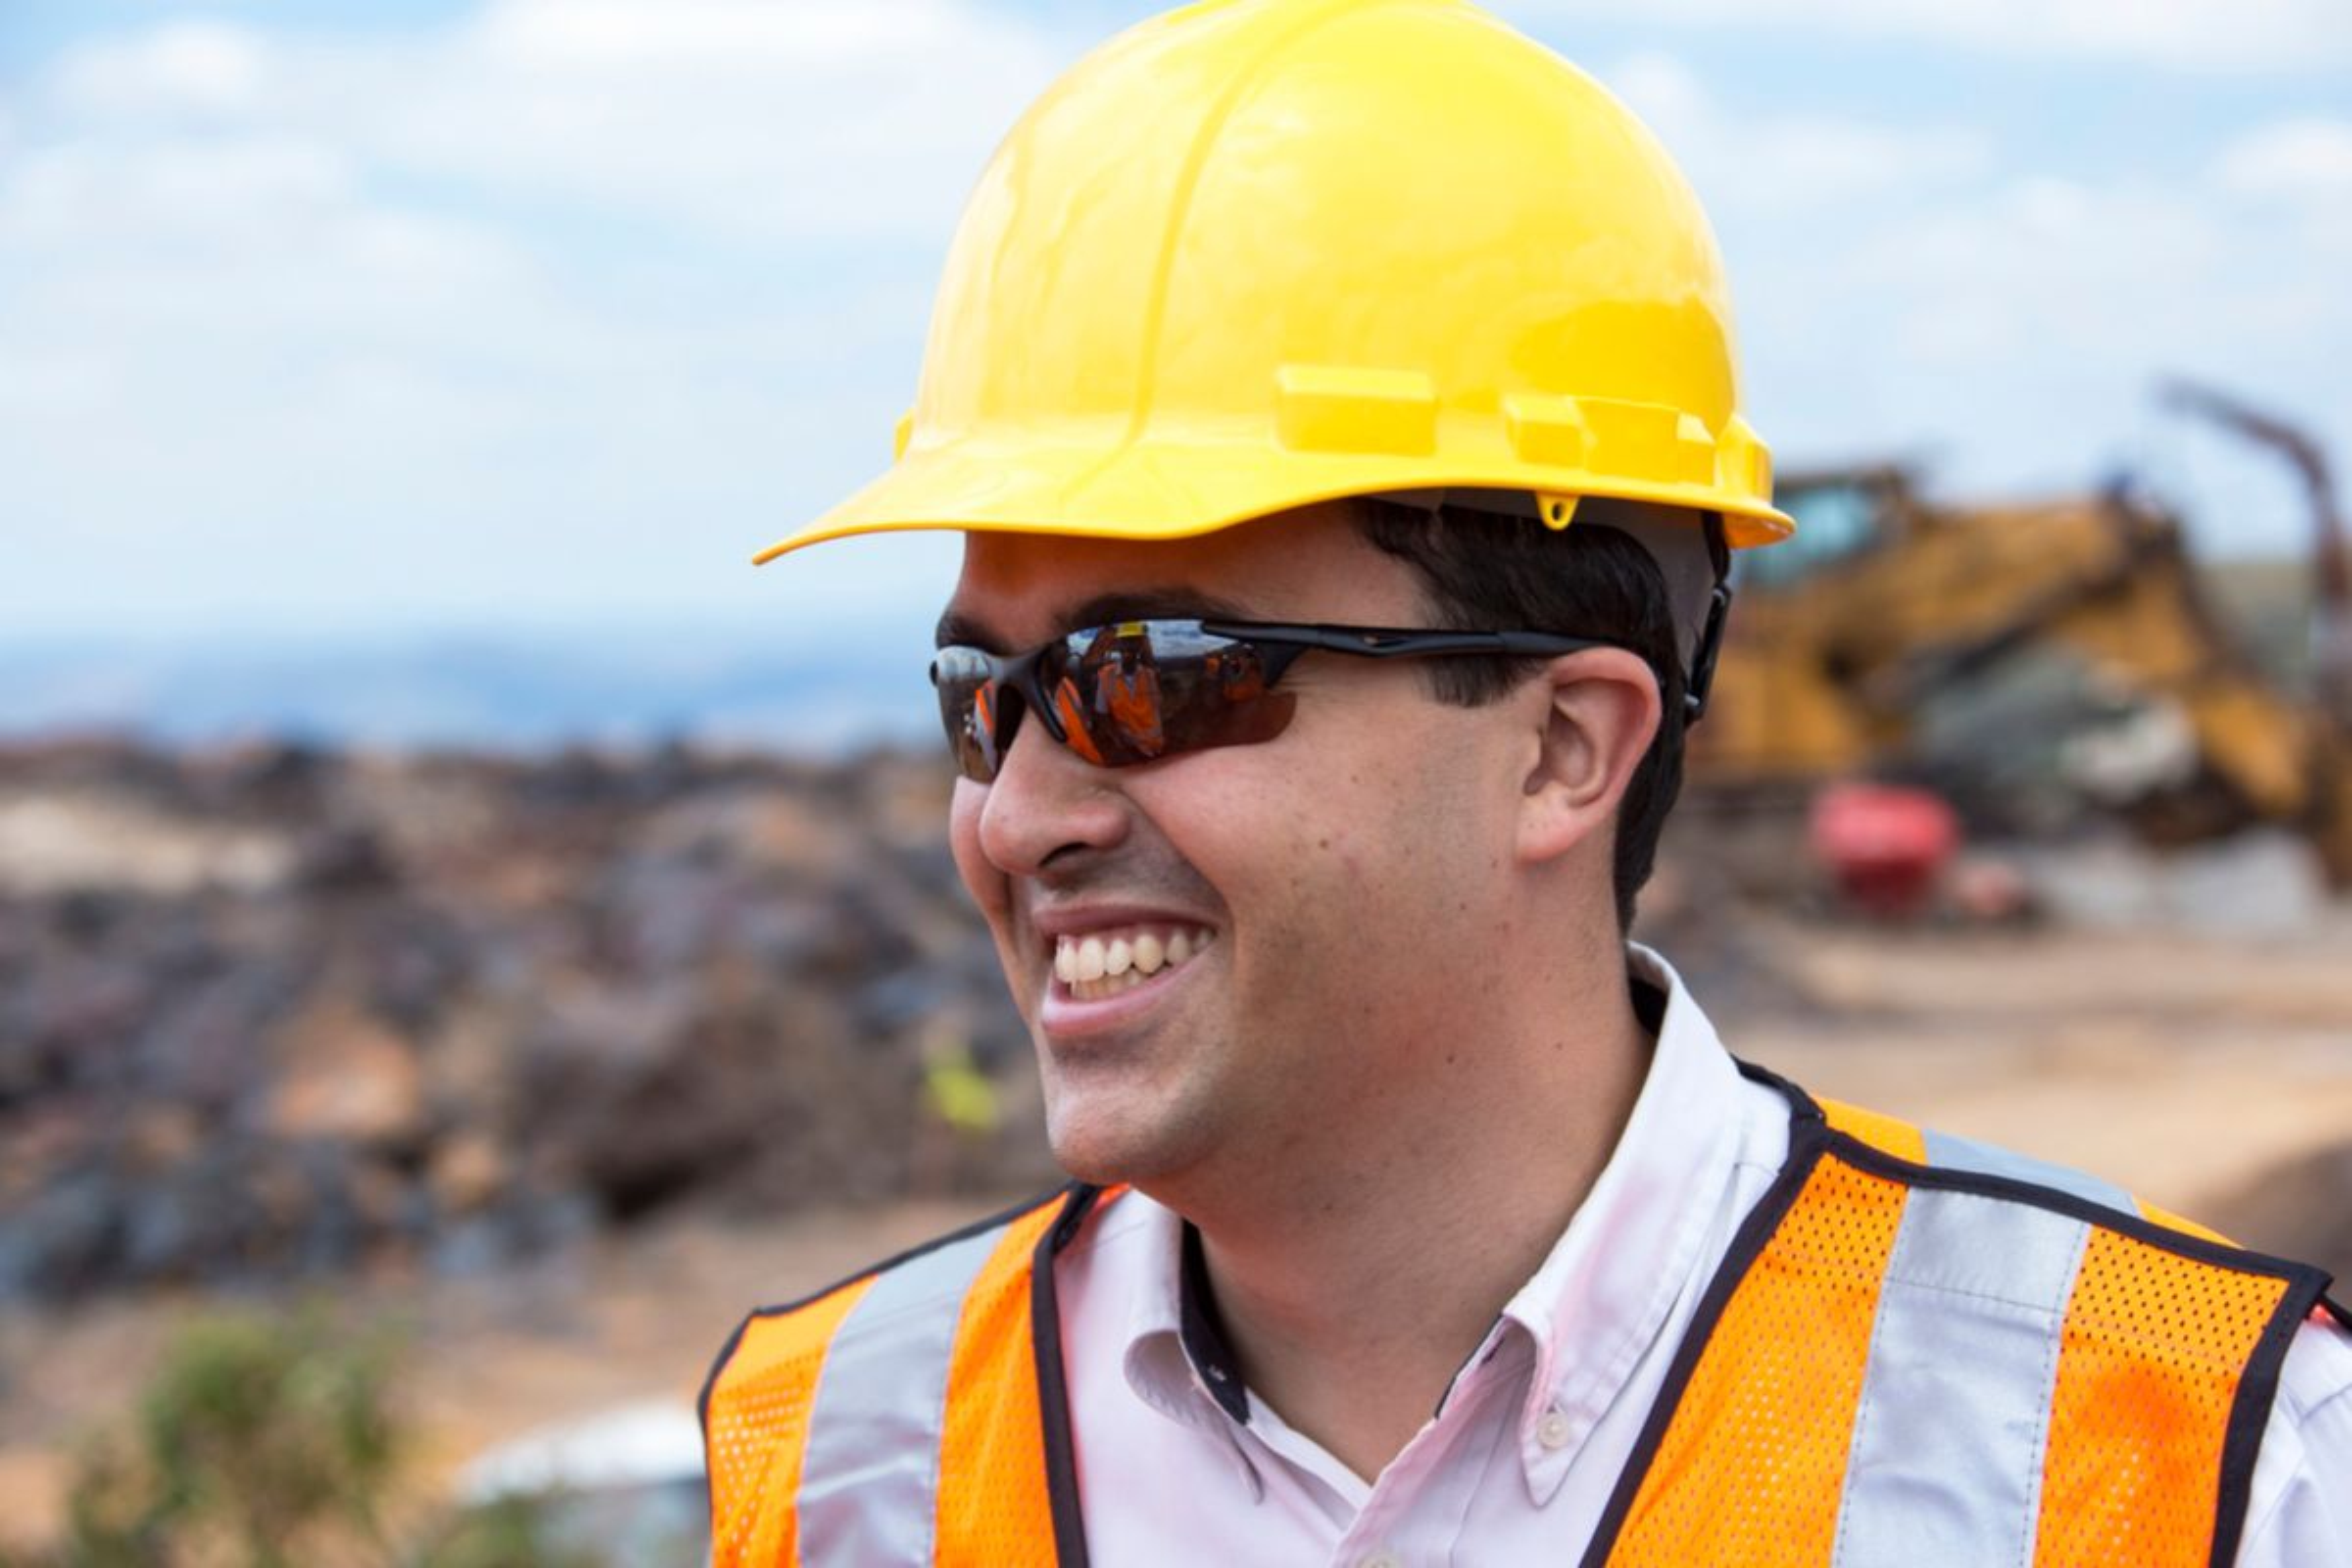 operador em uma escavadeira